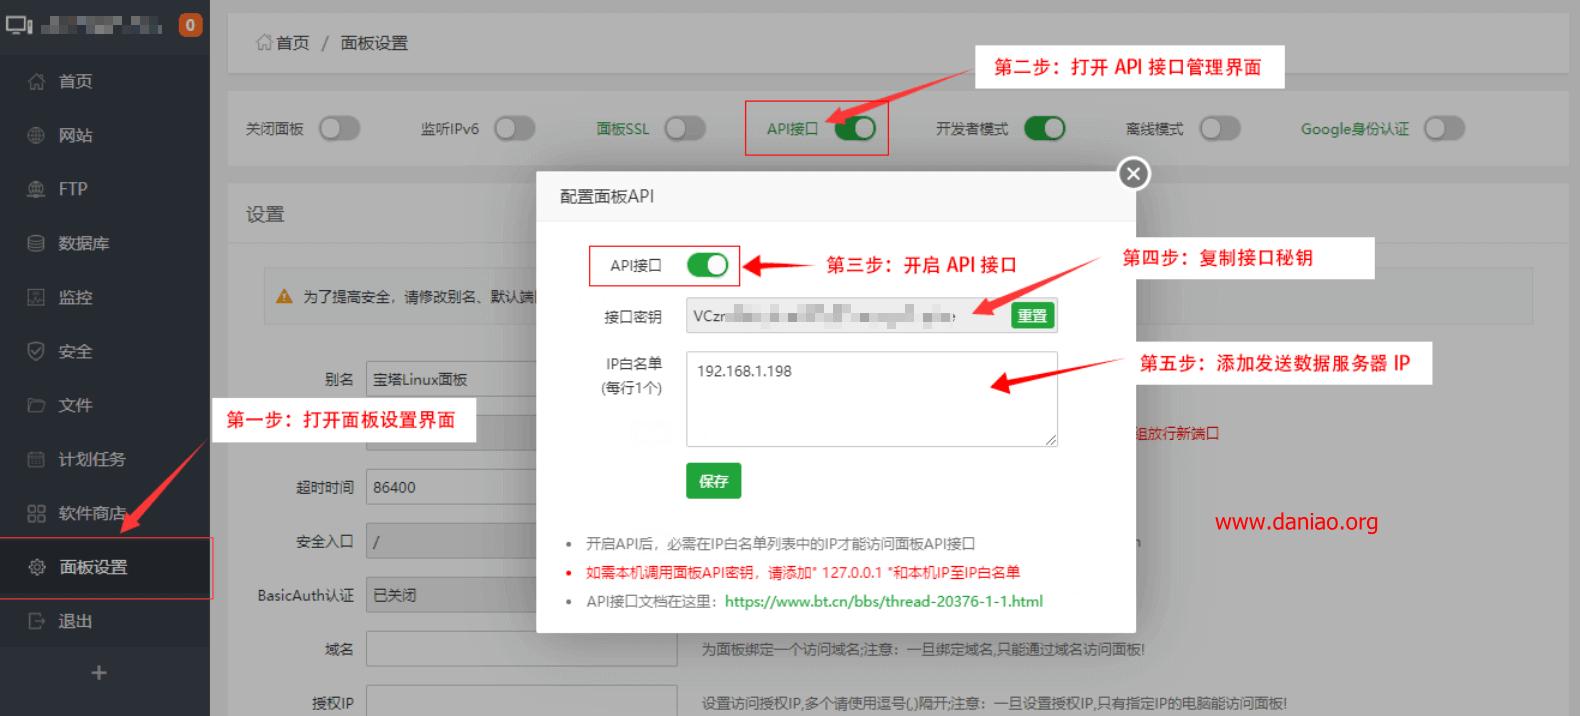 久久乐tv免费一键迁移API版本使用教程 - 快速搬家的好帮手